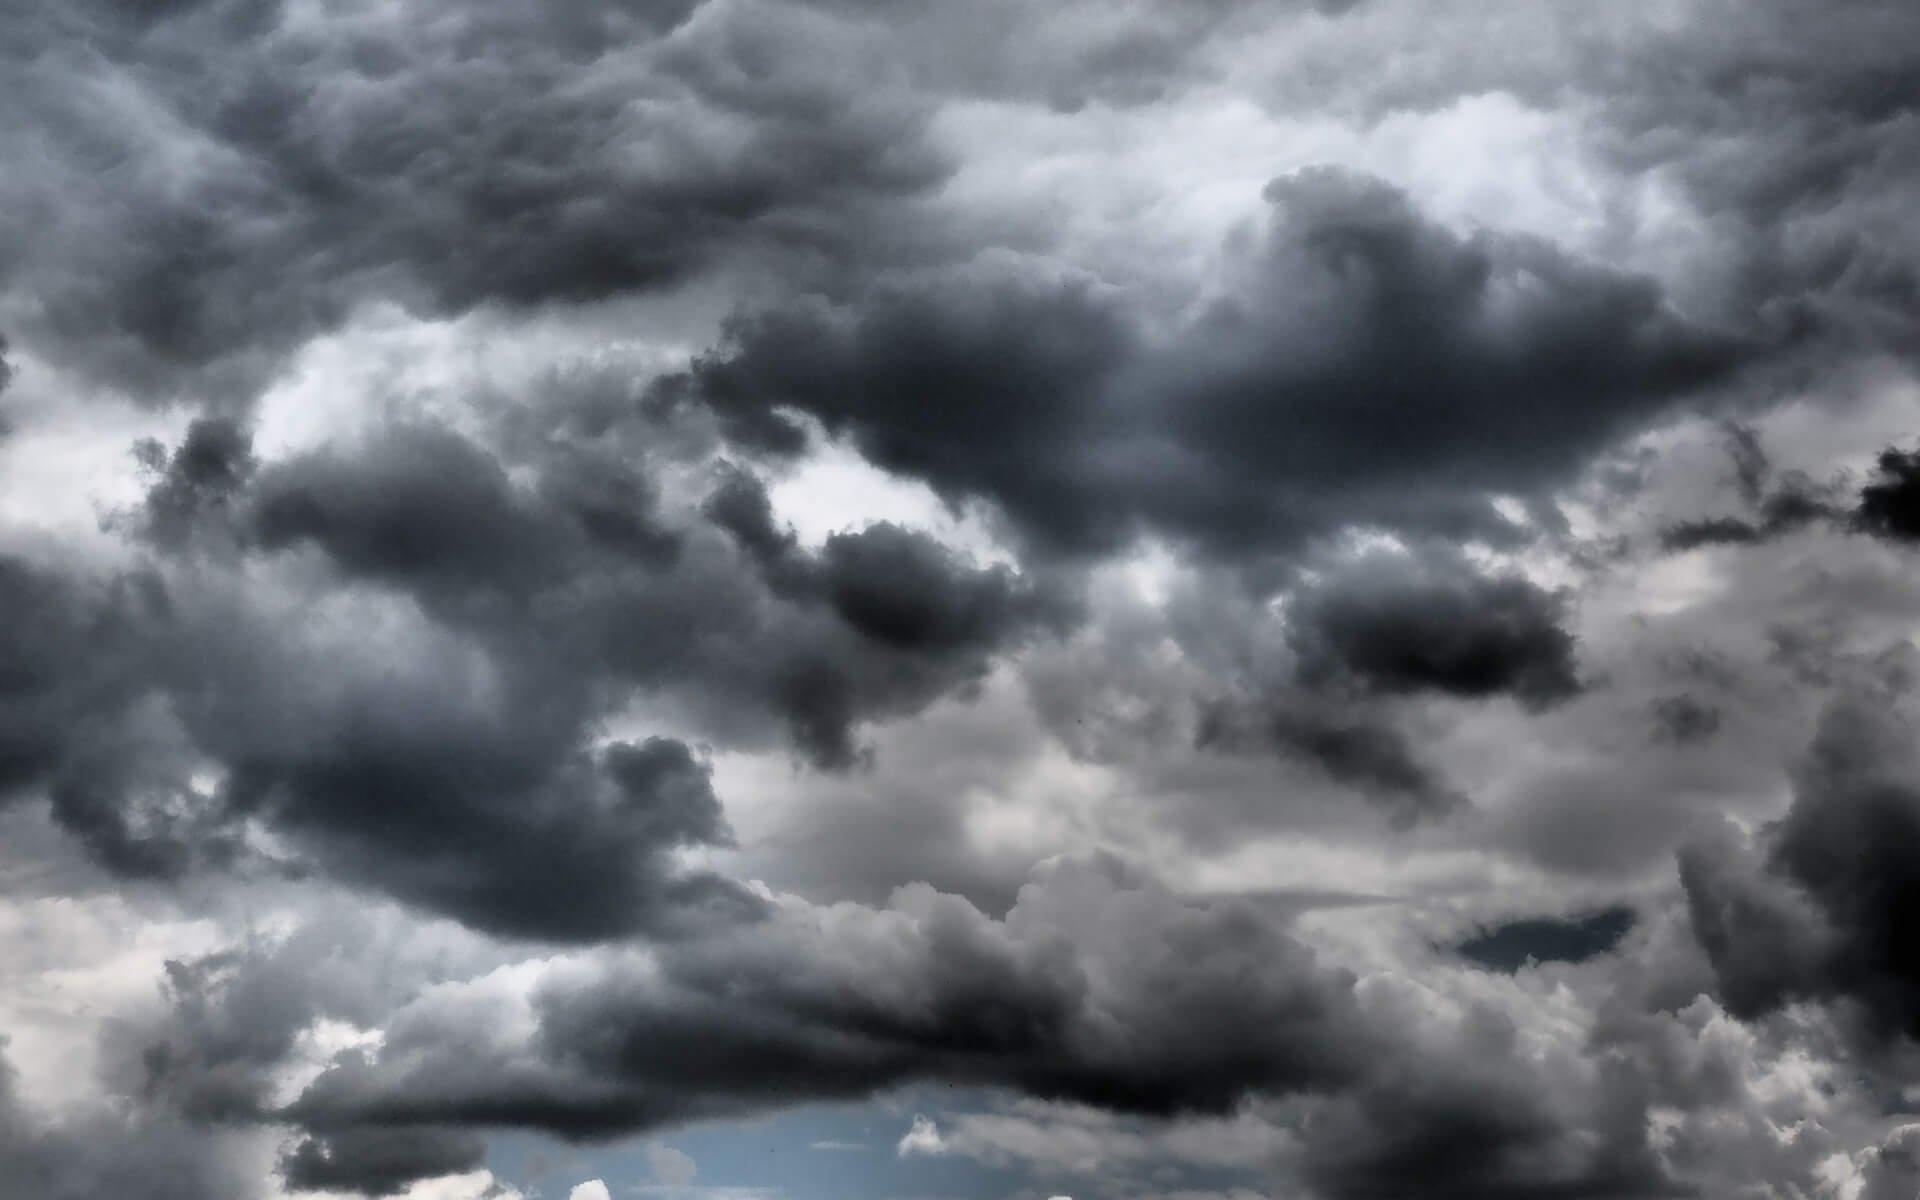 Dunkle Wolkendecke am Himmel.